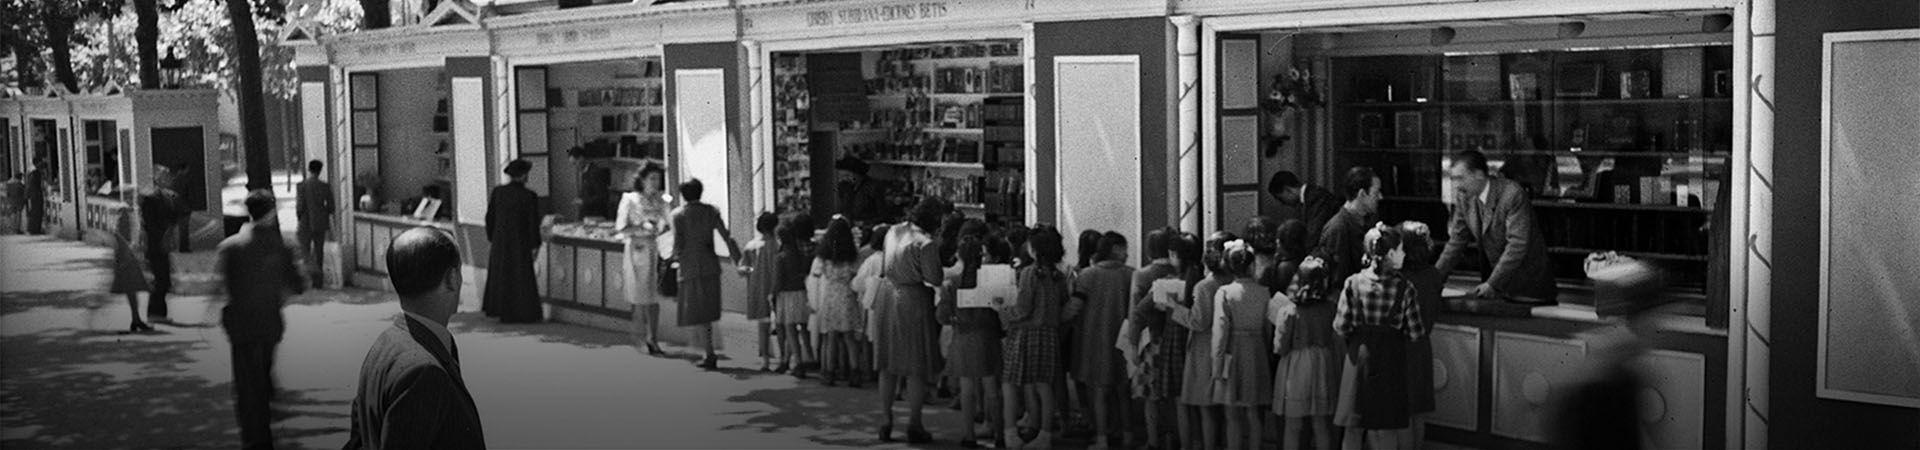 Paradas de venta de libros en el Paseo de Gràcia. Barcelona, años 40.